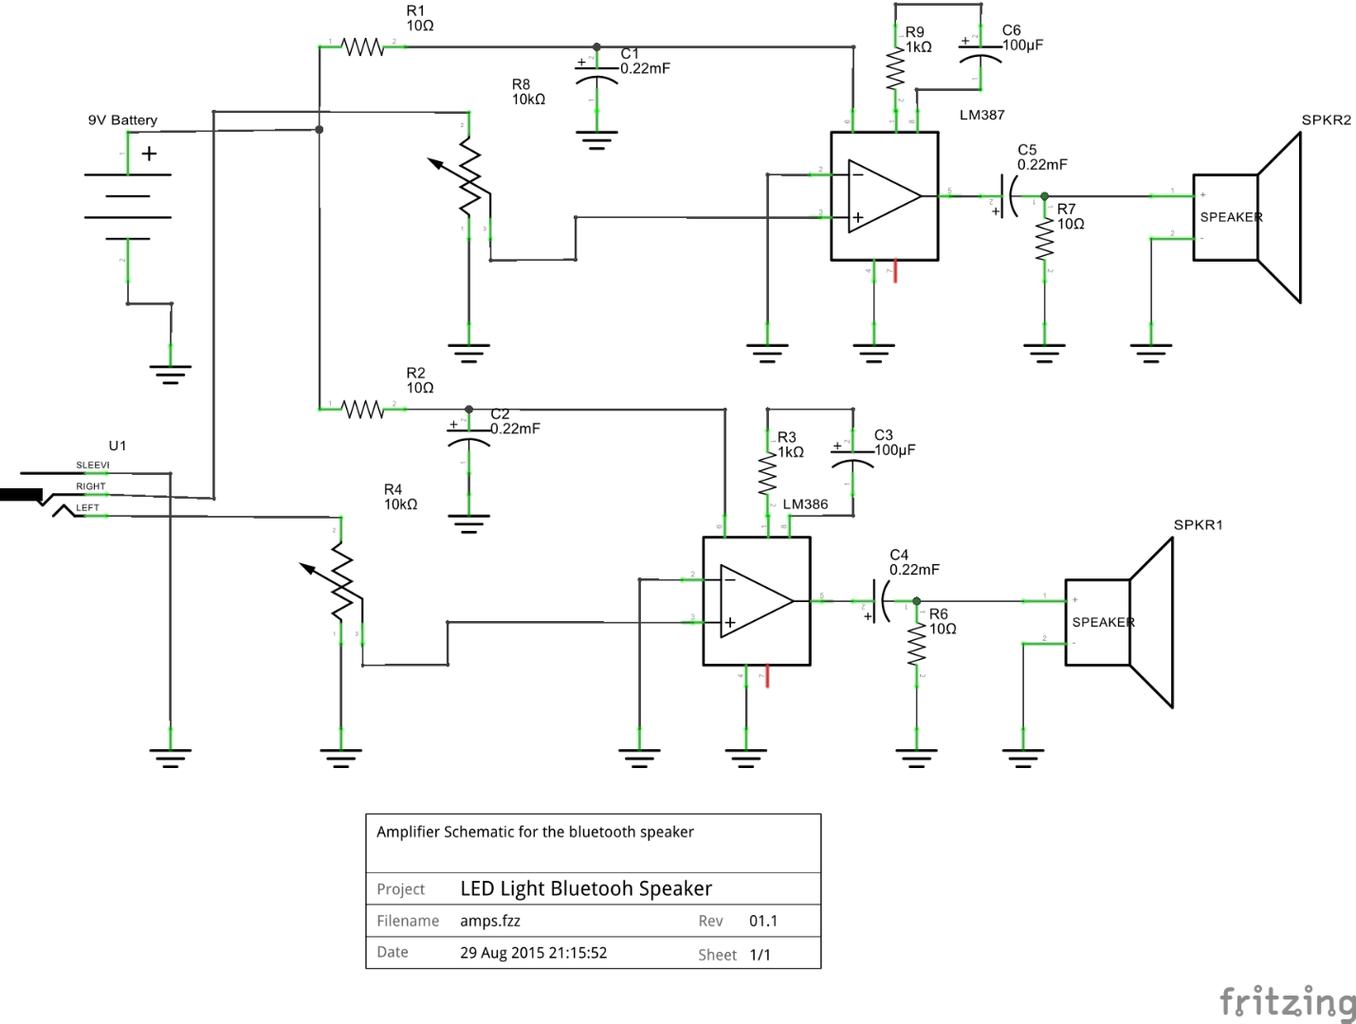 Assembling the Amplifier